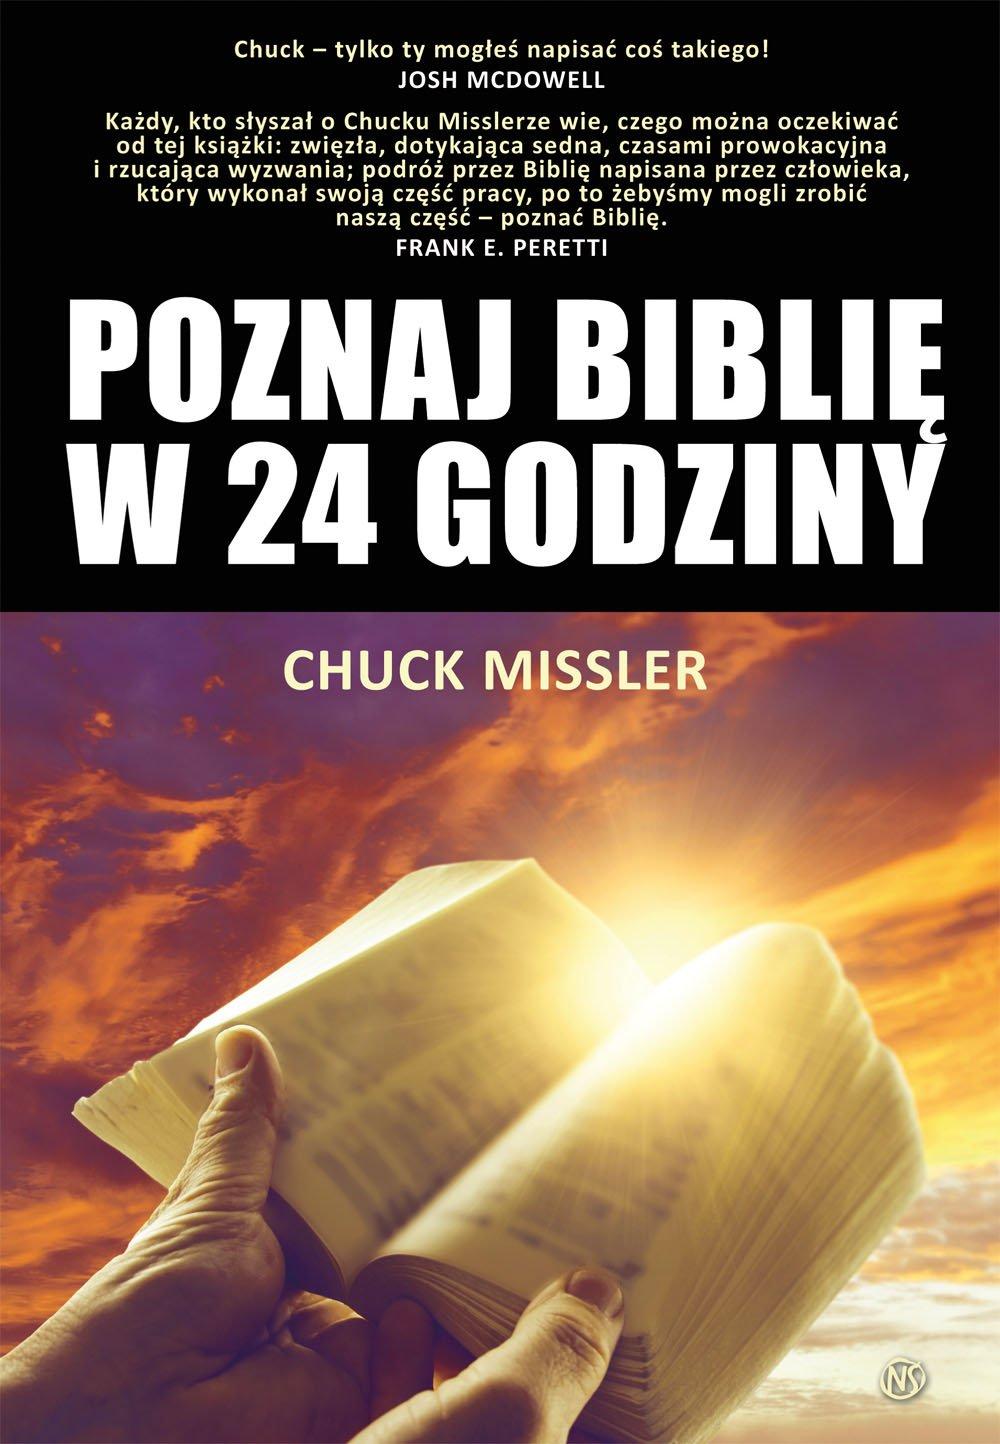 Poznaj Biblię w 24 godziny - Ebook (Książka EPUB) do pobrania w formacie EPUB